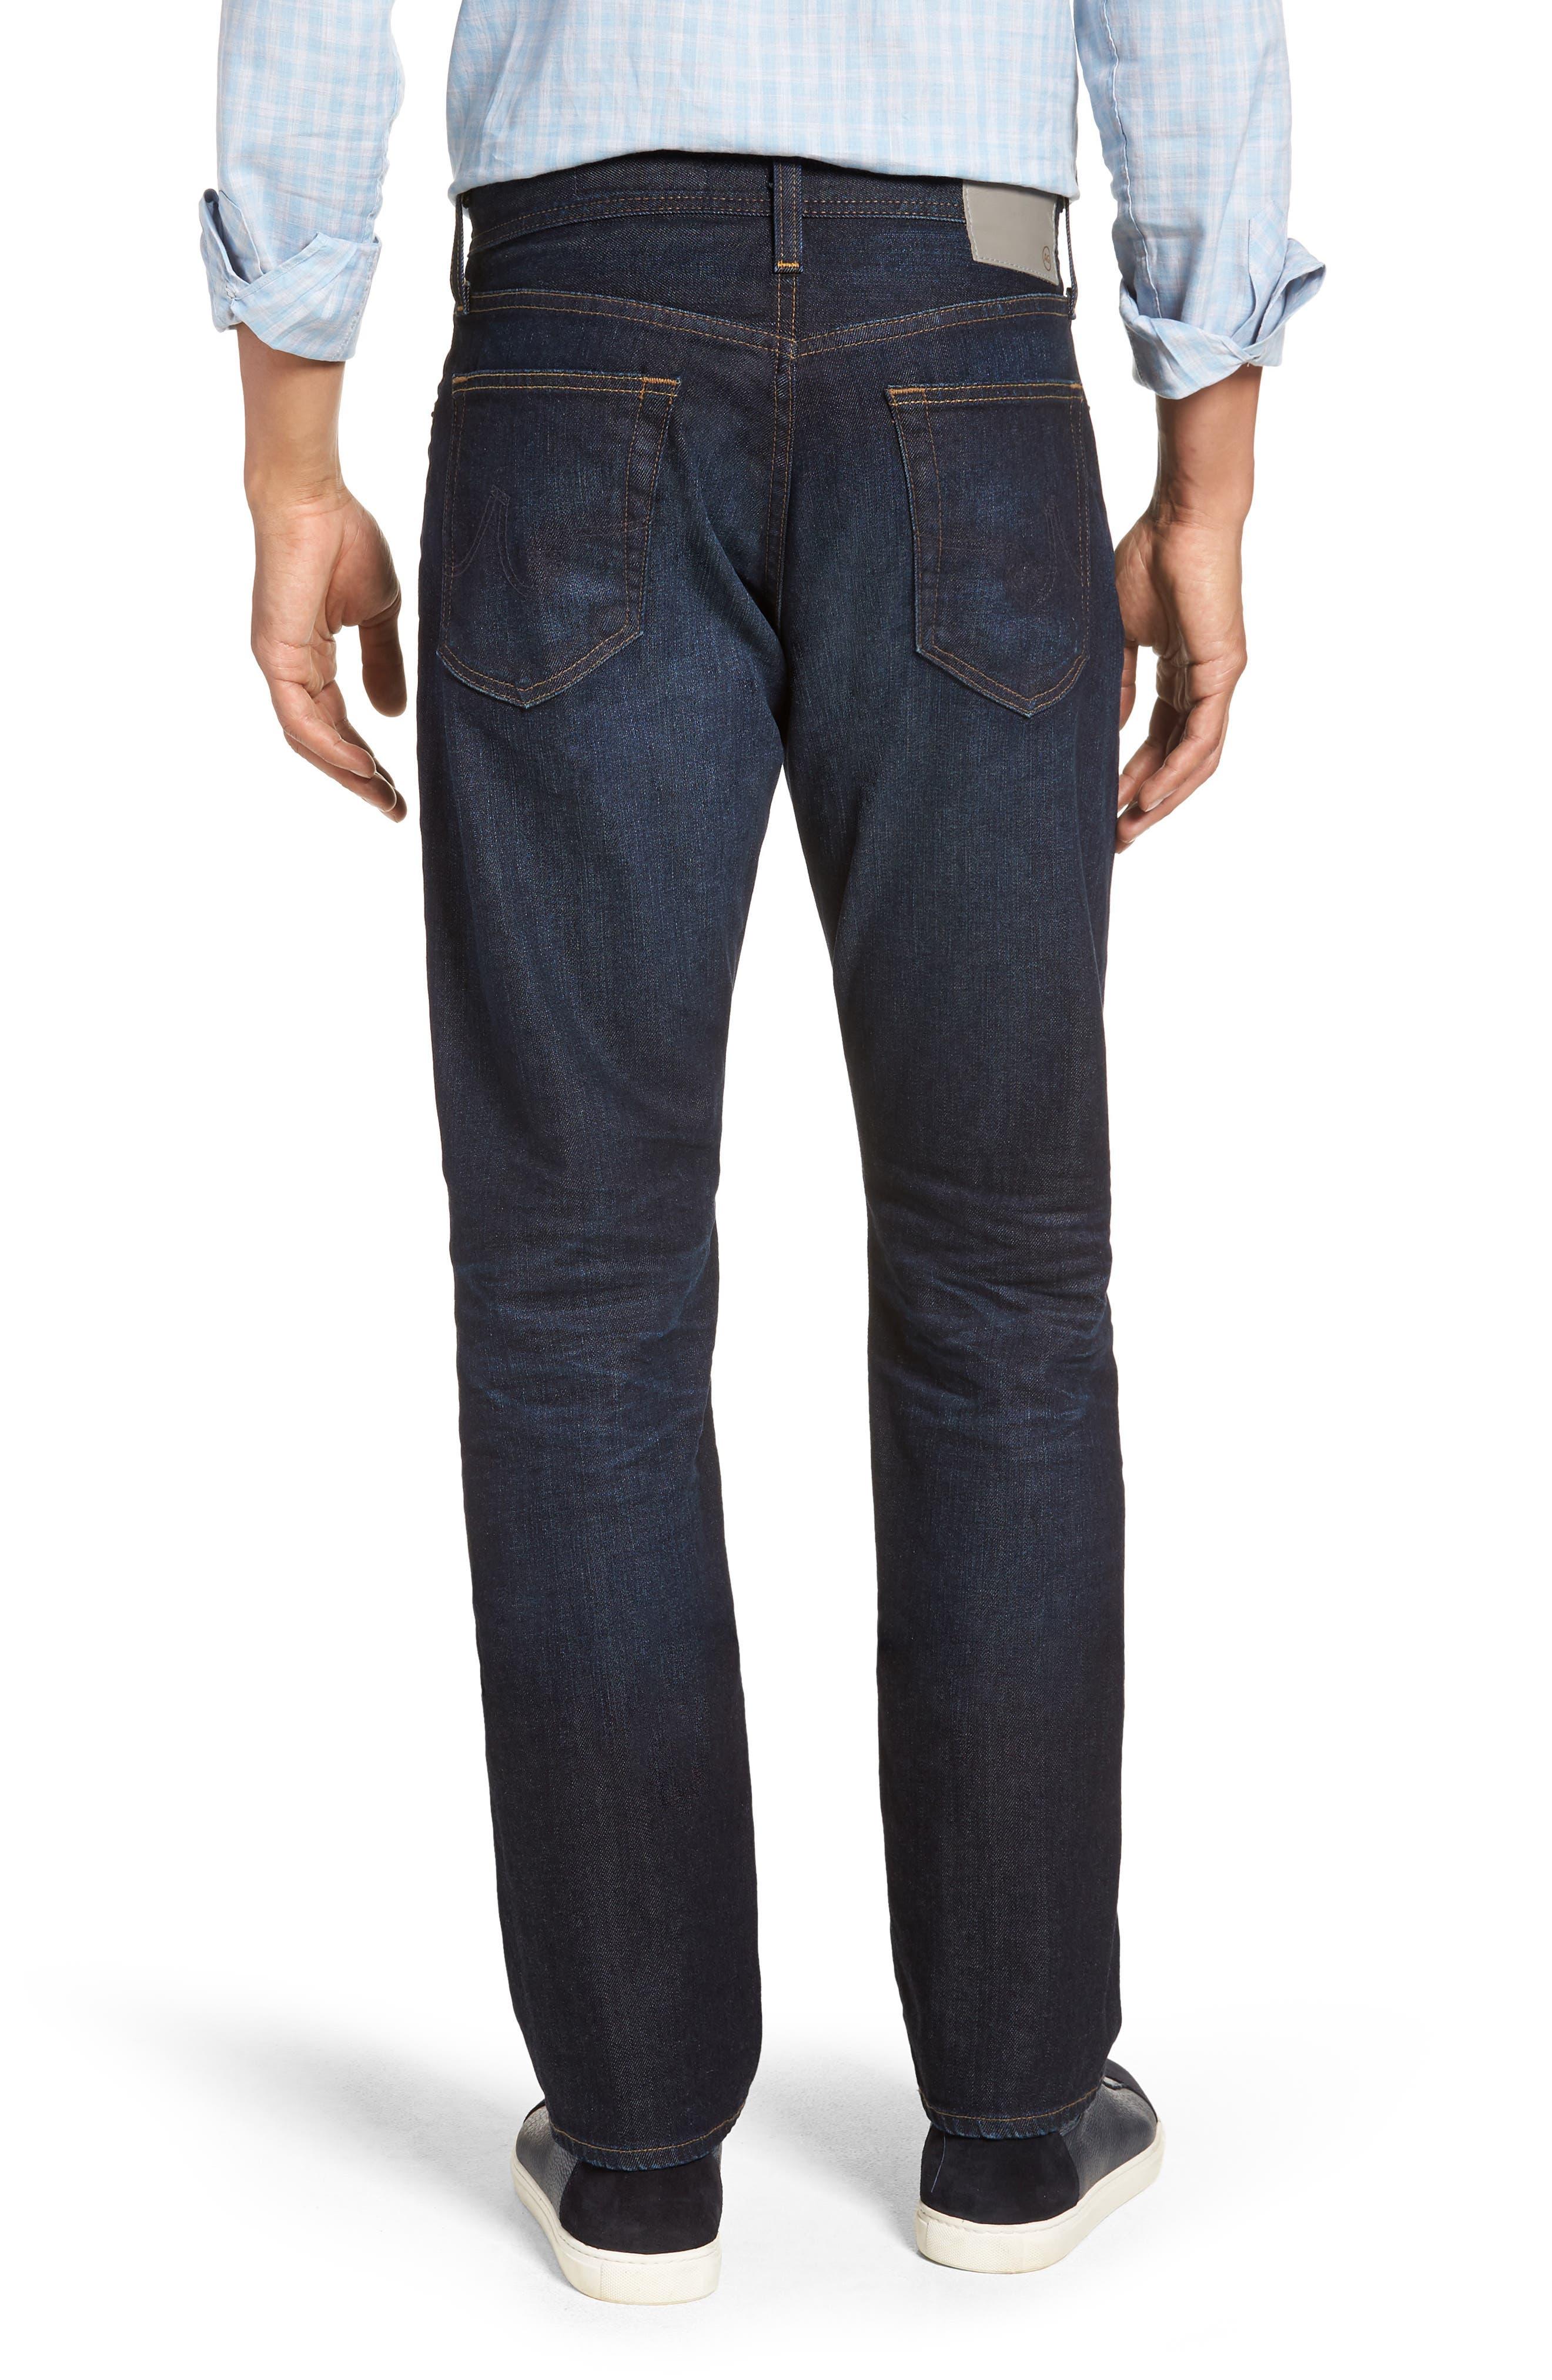 Everett Slim Straight Leg Jeans,                             Alternate thumbnail 2, color,                             5 YEARS CASINO